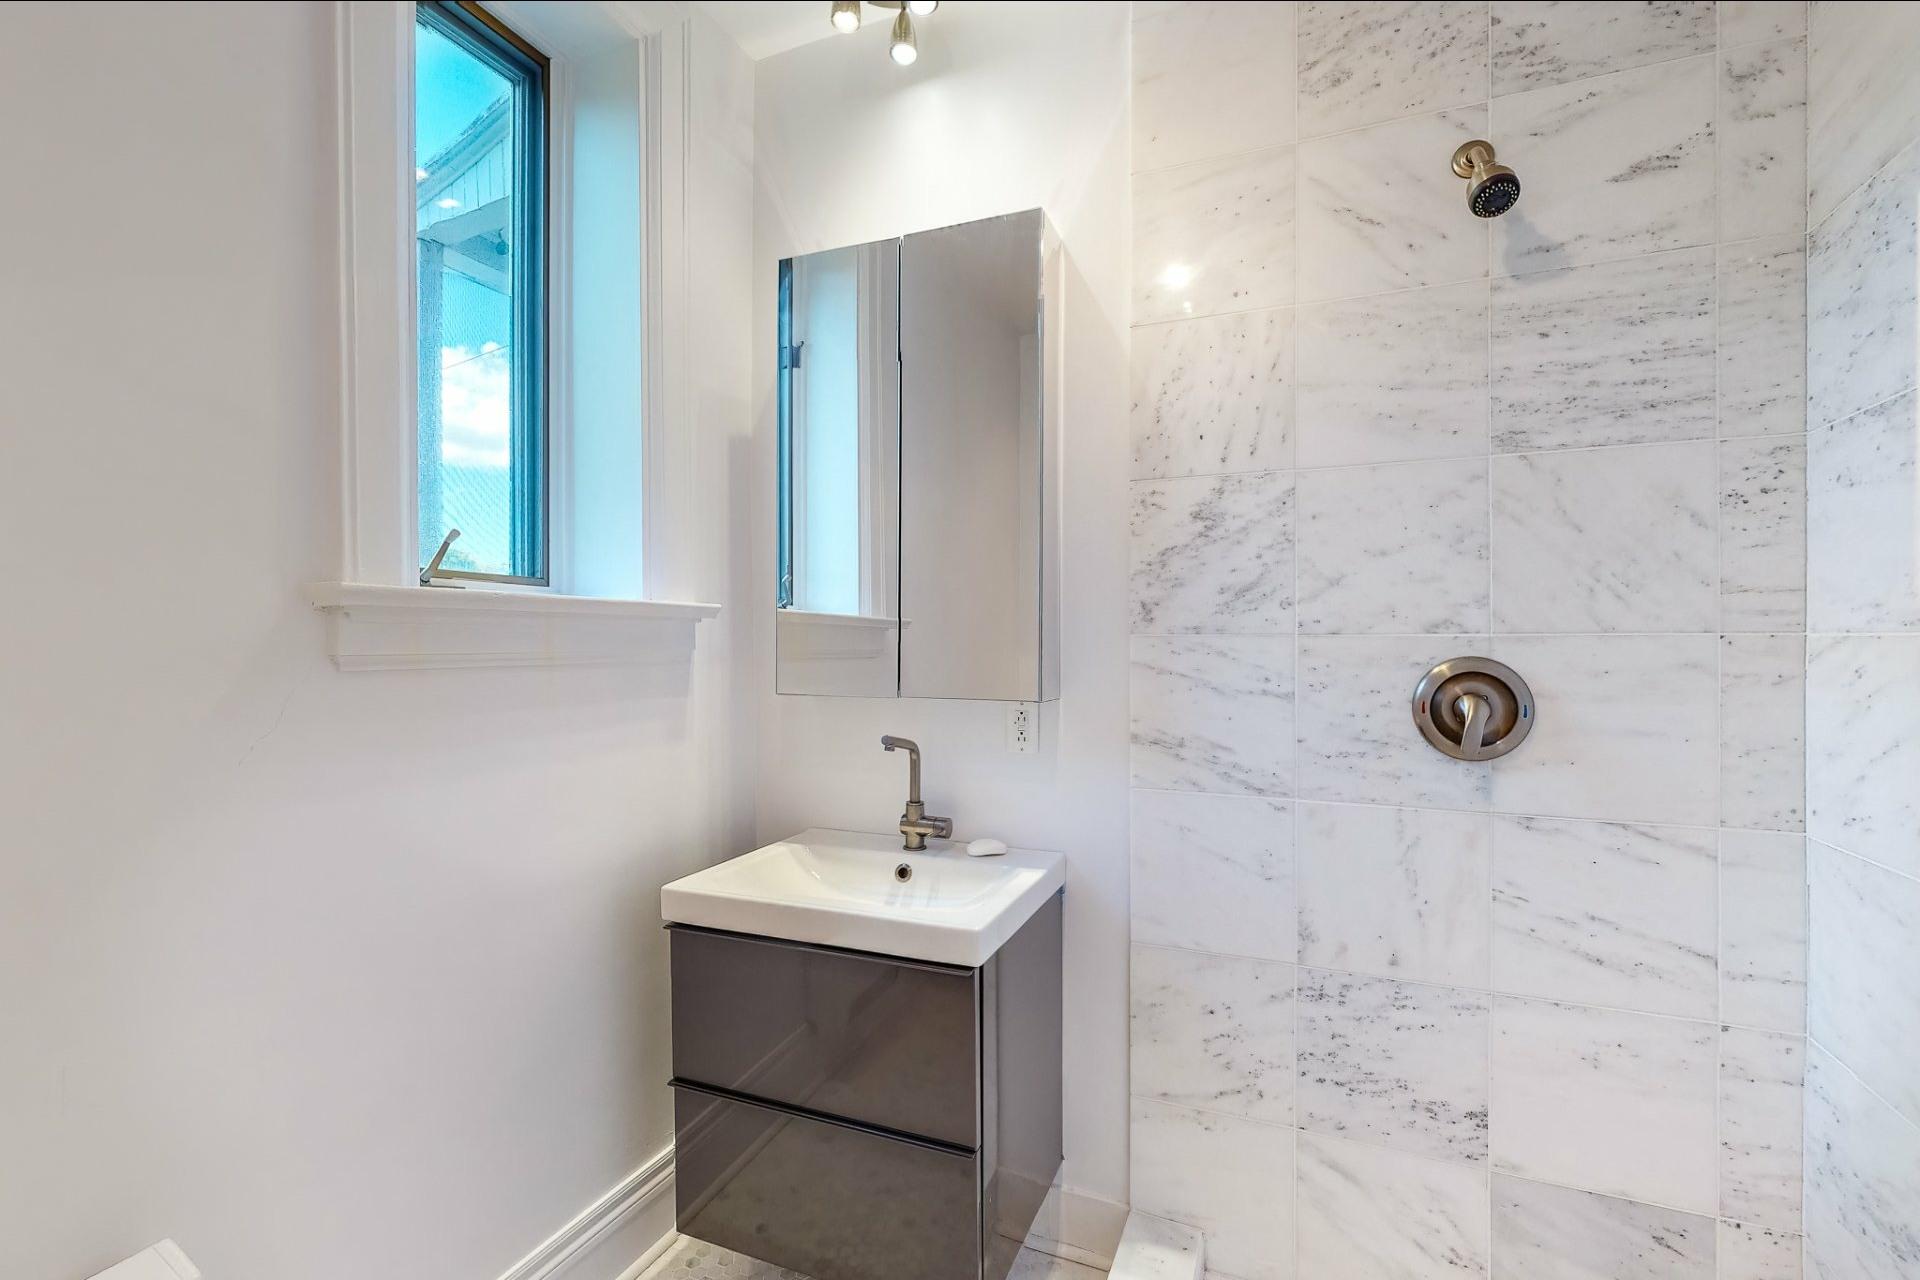 image 9 - Appartement À vendre Outremont Montréal  - 8 pièces